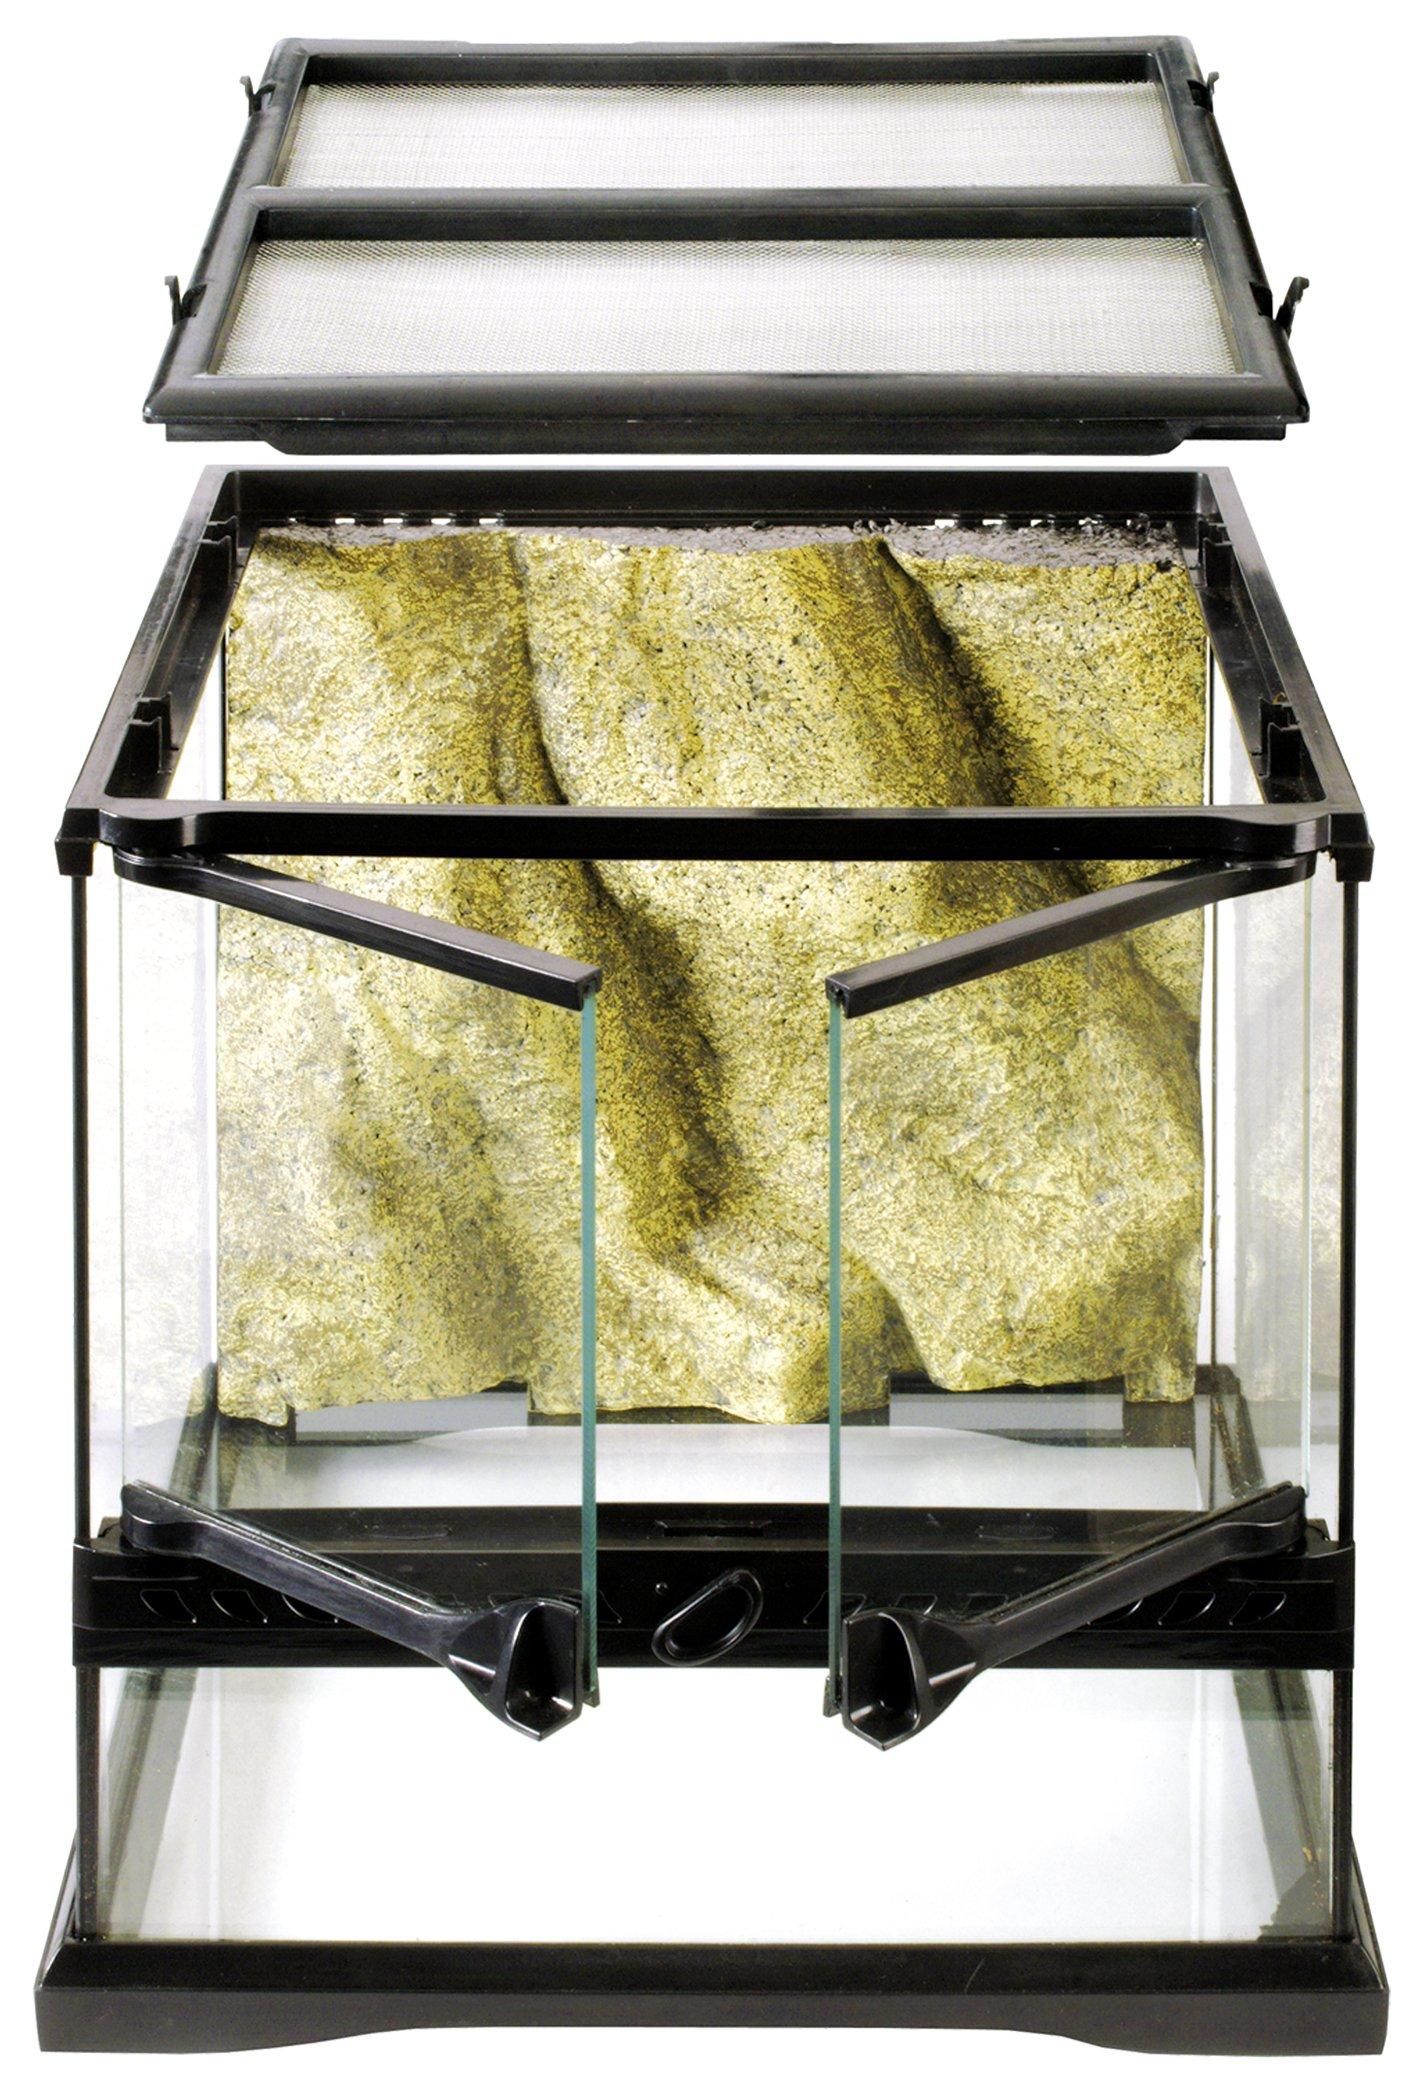 Exo Terra Glass Terrarium 12 By 12 By 12 Inch Pt2600a1